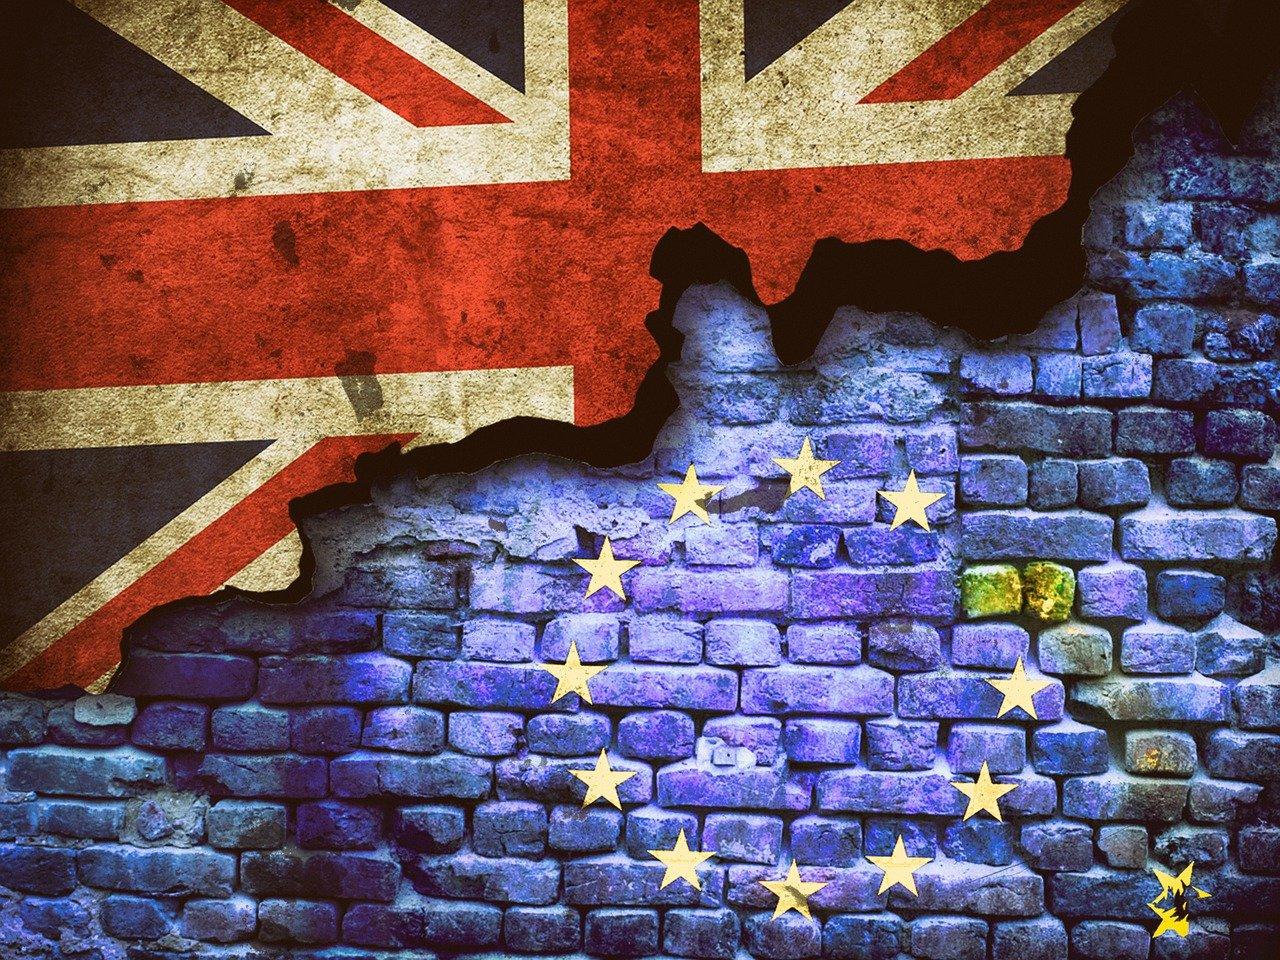 Brexitová bouře odvádí pozornost EU od jiných naléhavých problémů - anotační obrázek